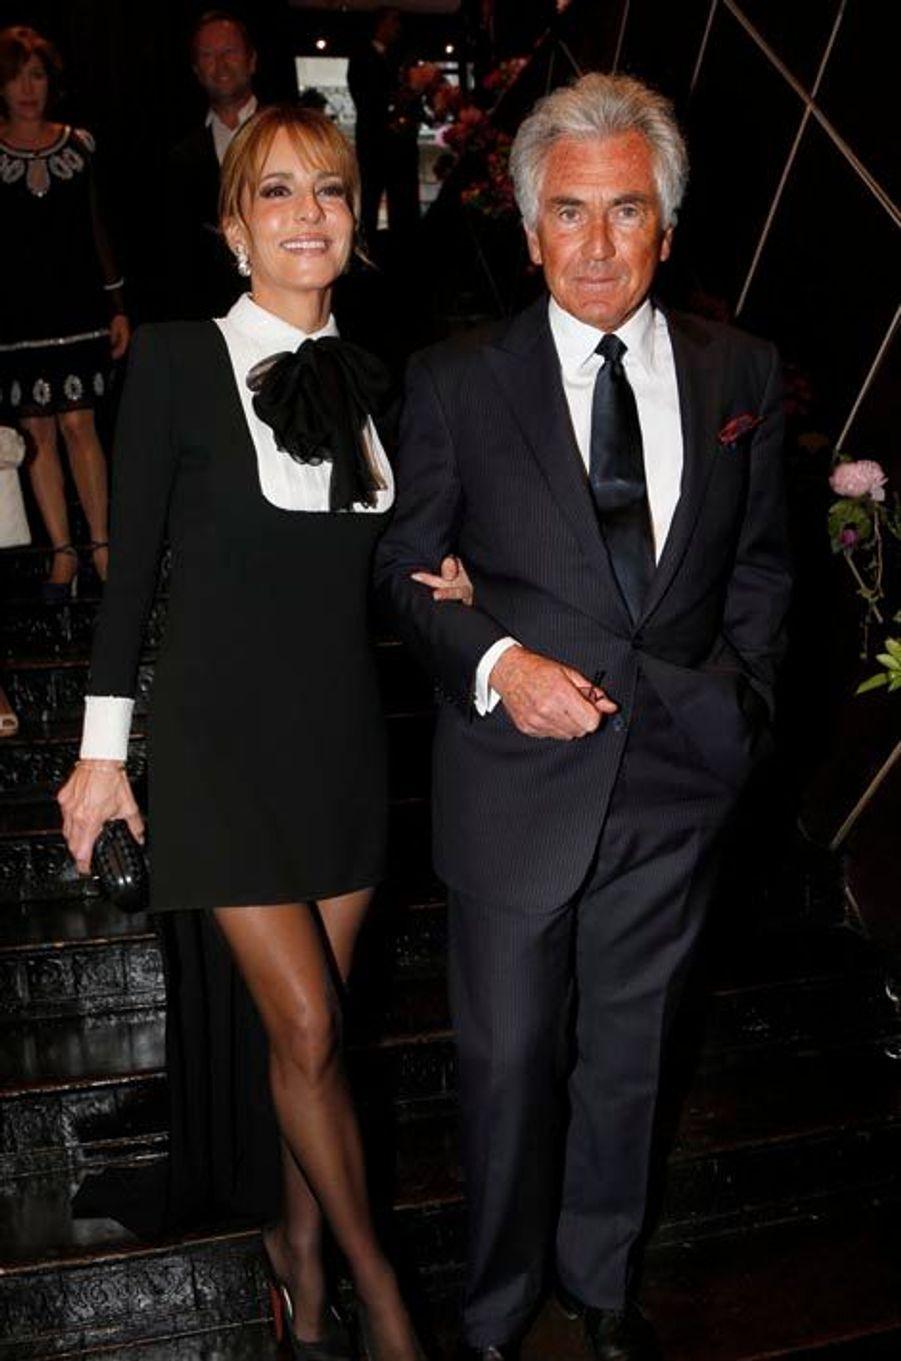 Patricia d'Arenberg et son fiancé Jean-Paul Enthoven.